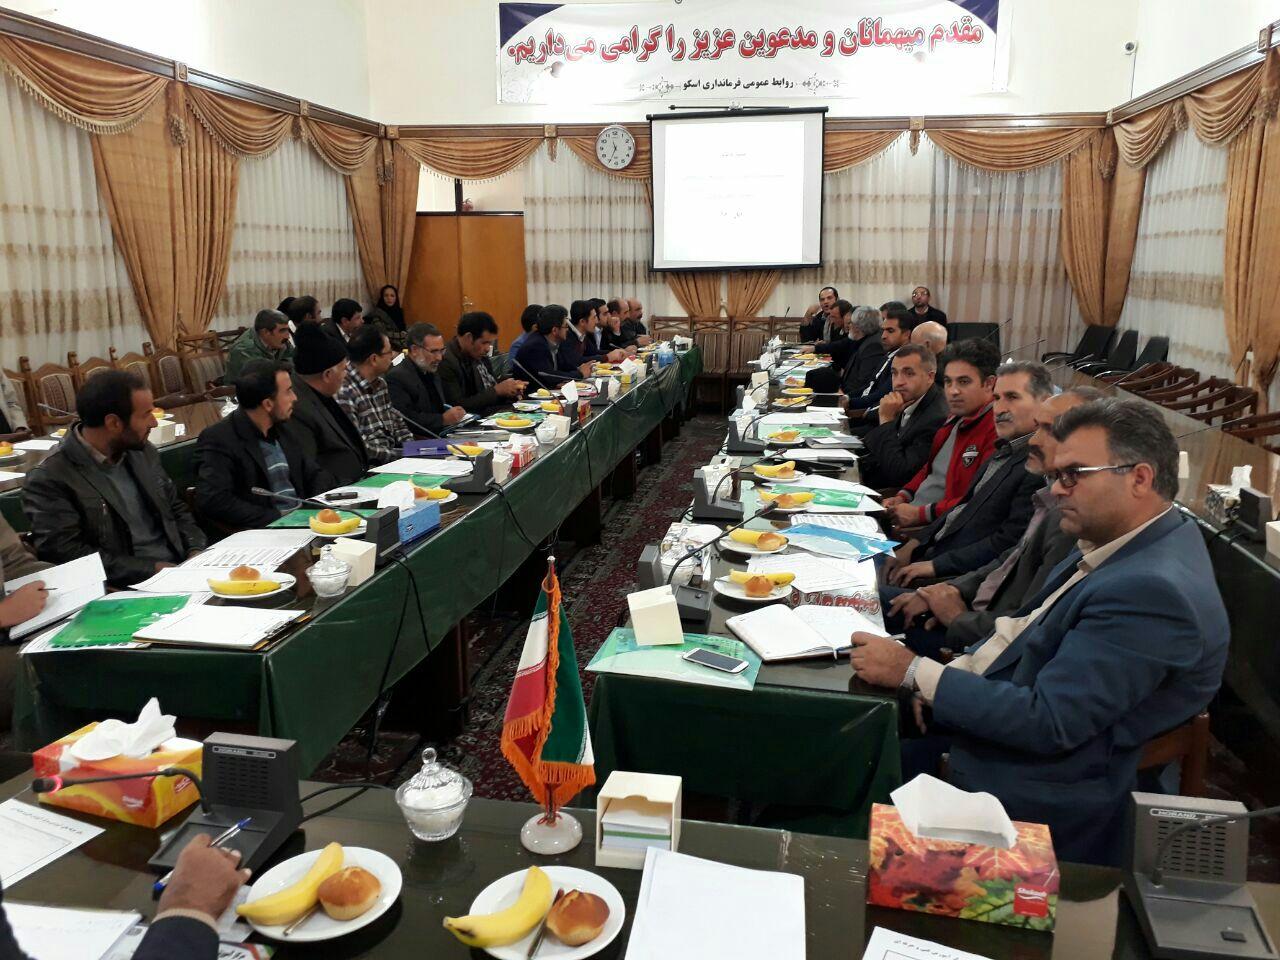 جلسه مشترک ماهانه روسای شوراهای اسلامی و دهیاران بخش مرکزی شهرستان اسکو